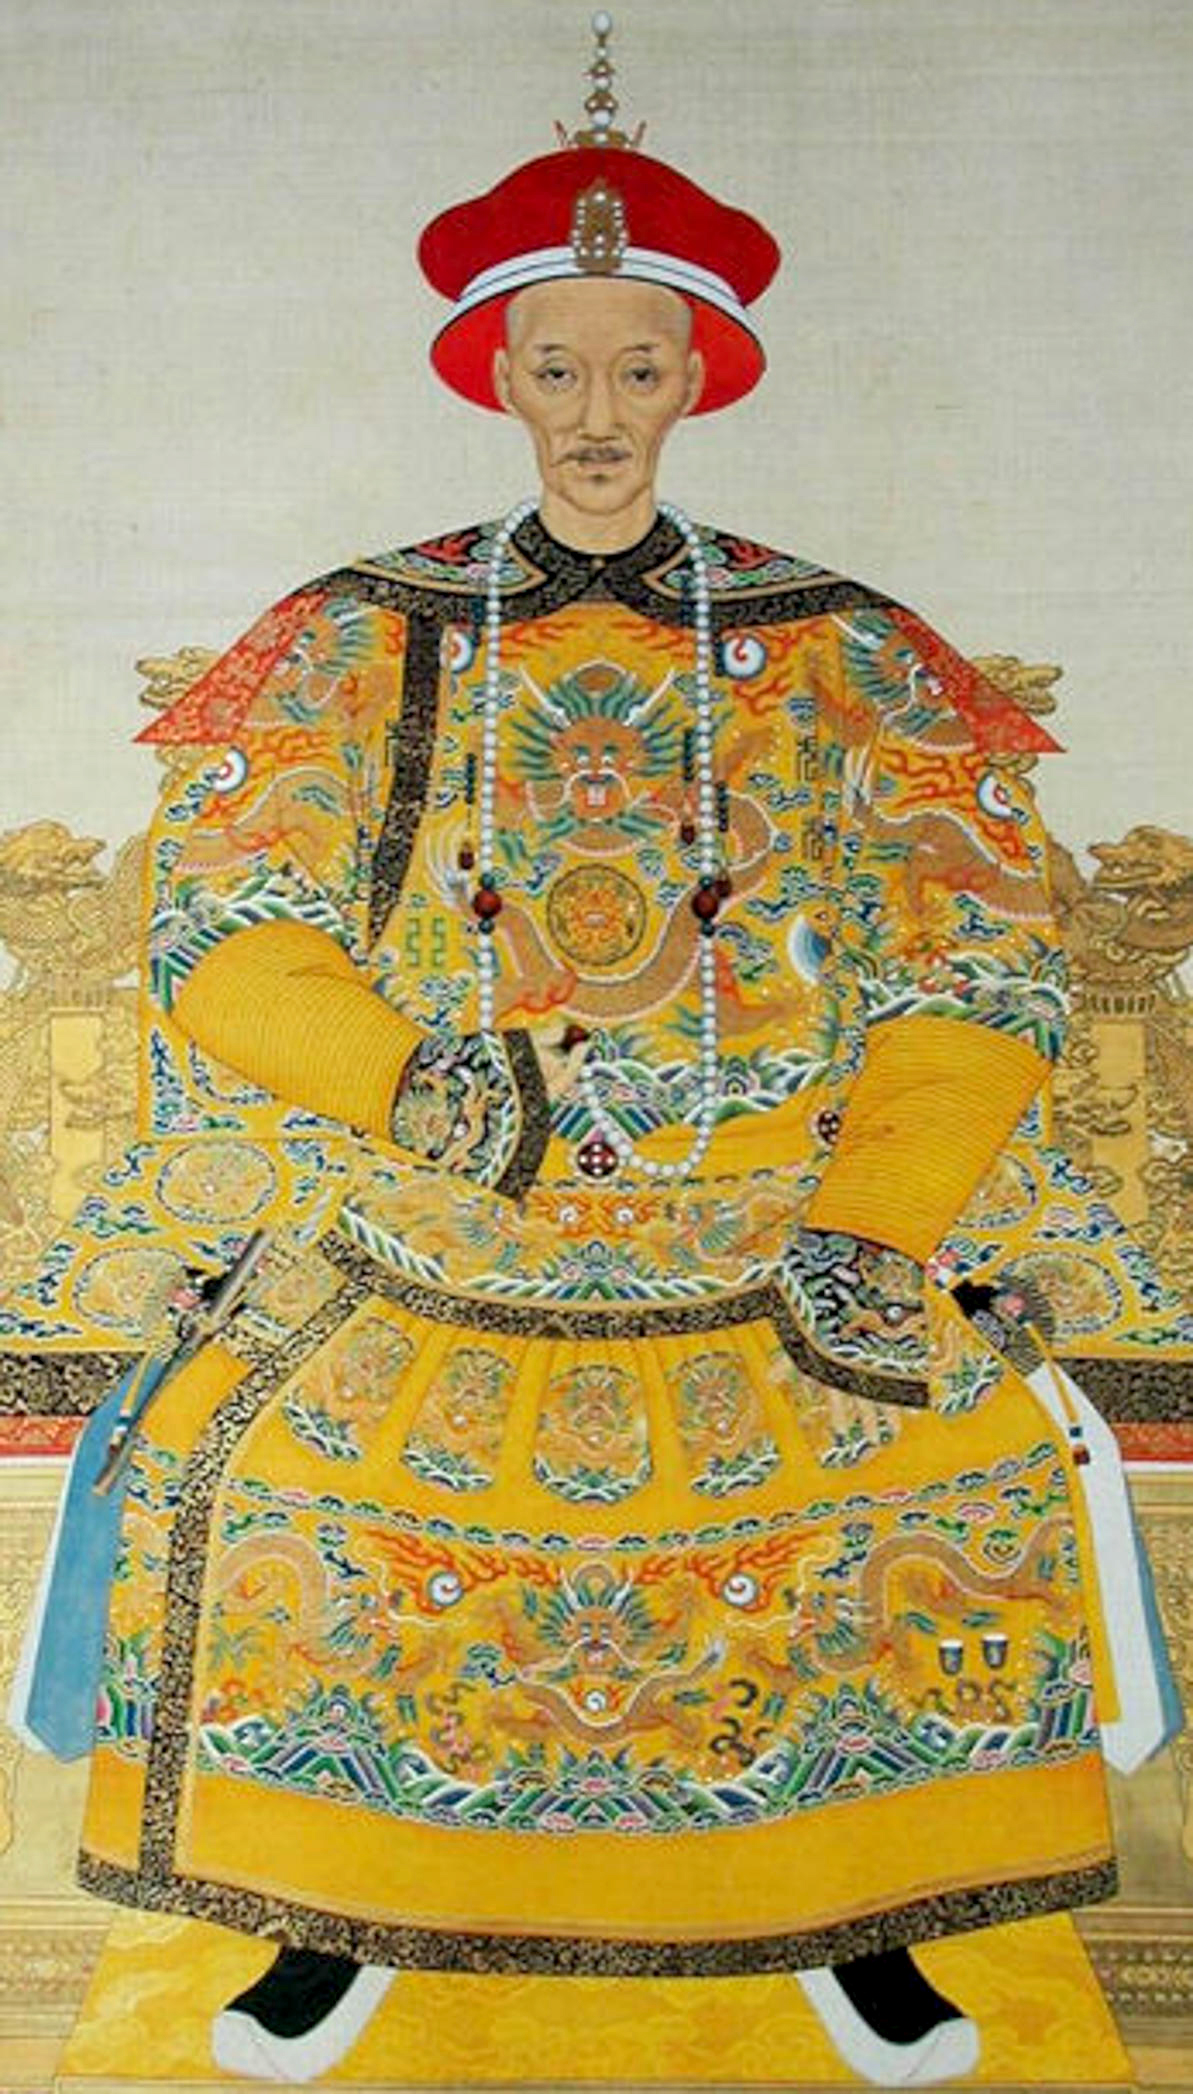 Emperor Daoguang